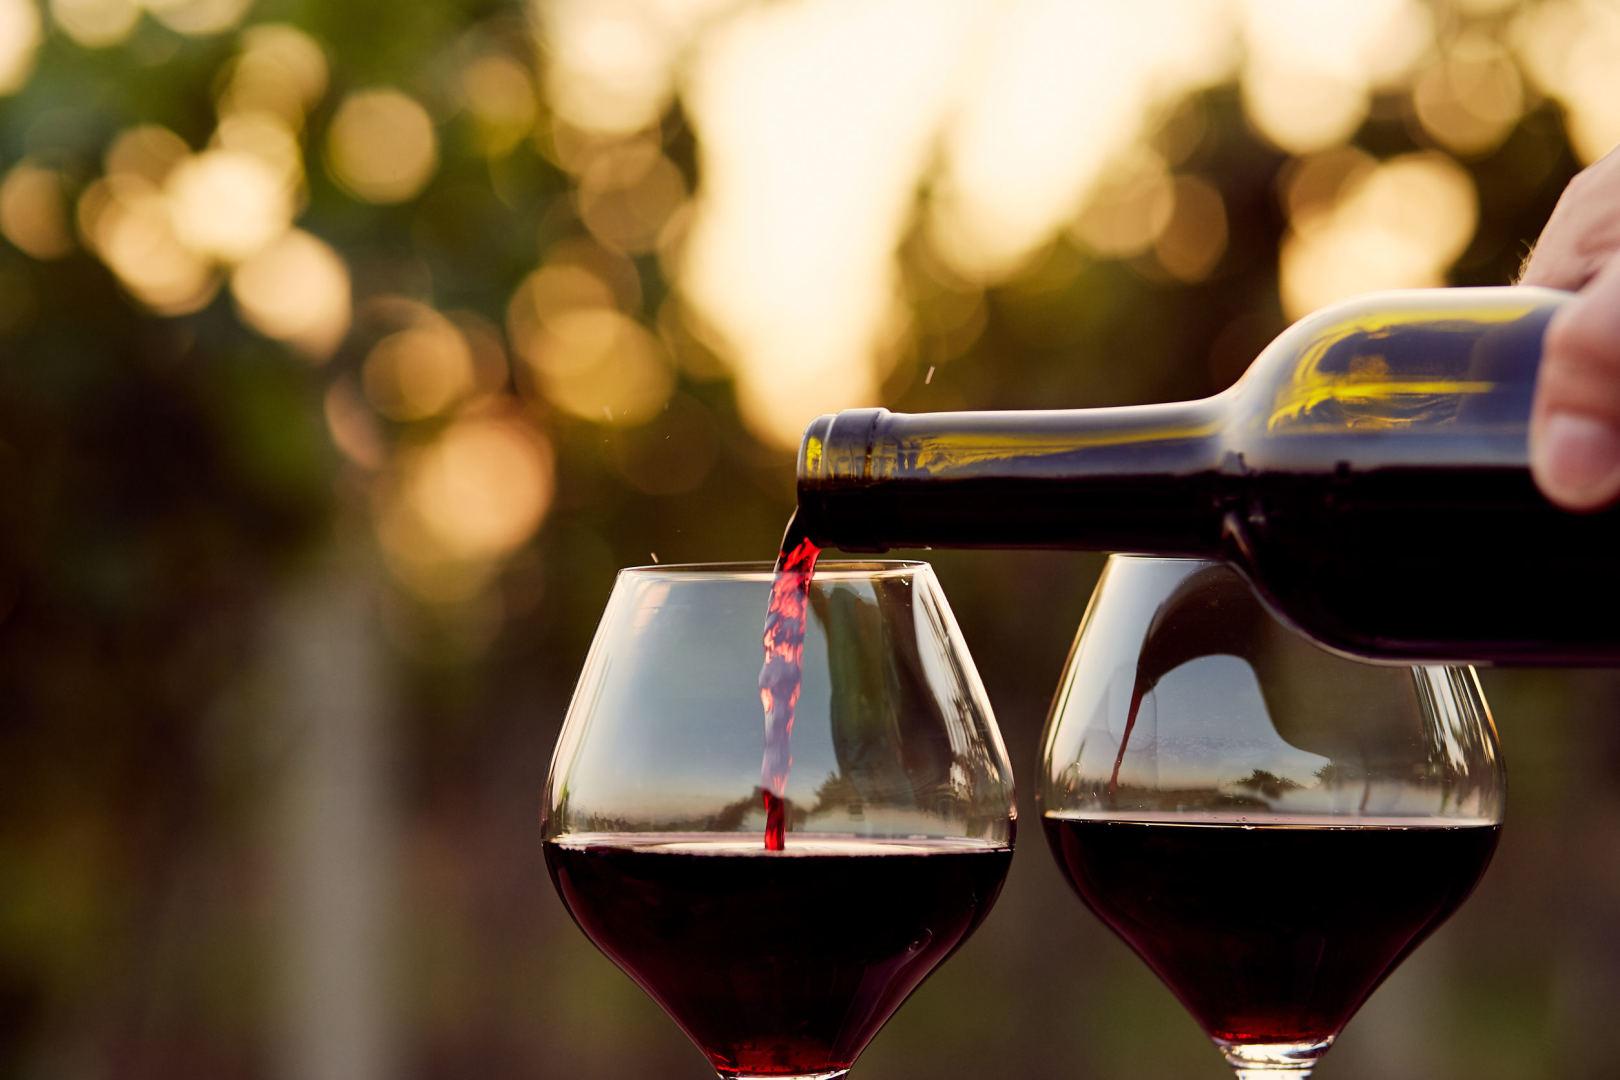 Išvados nustebins ne vieną: viena alkoholio rūšis gali būti naudinga sveikatai? | vipcirkas.lt